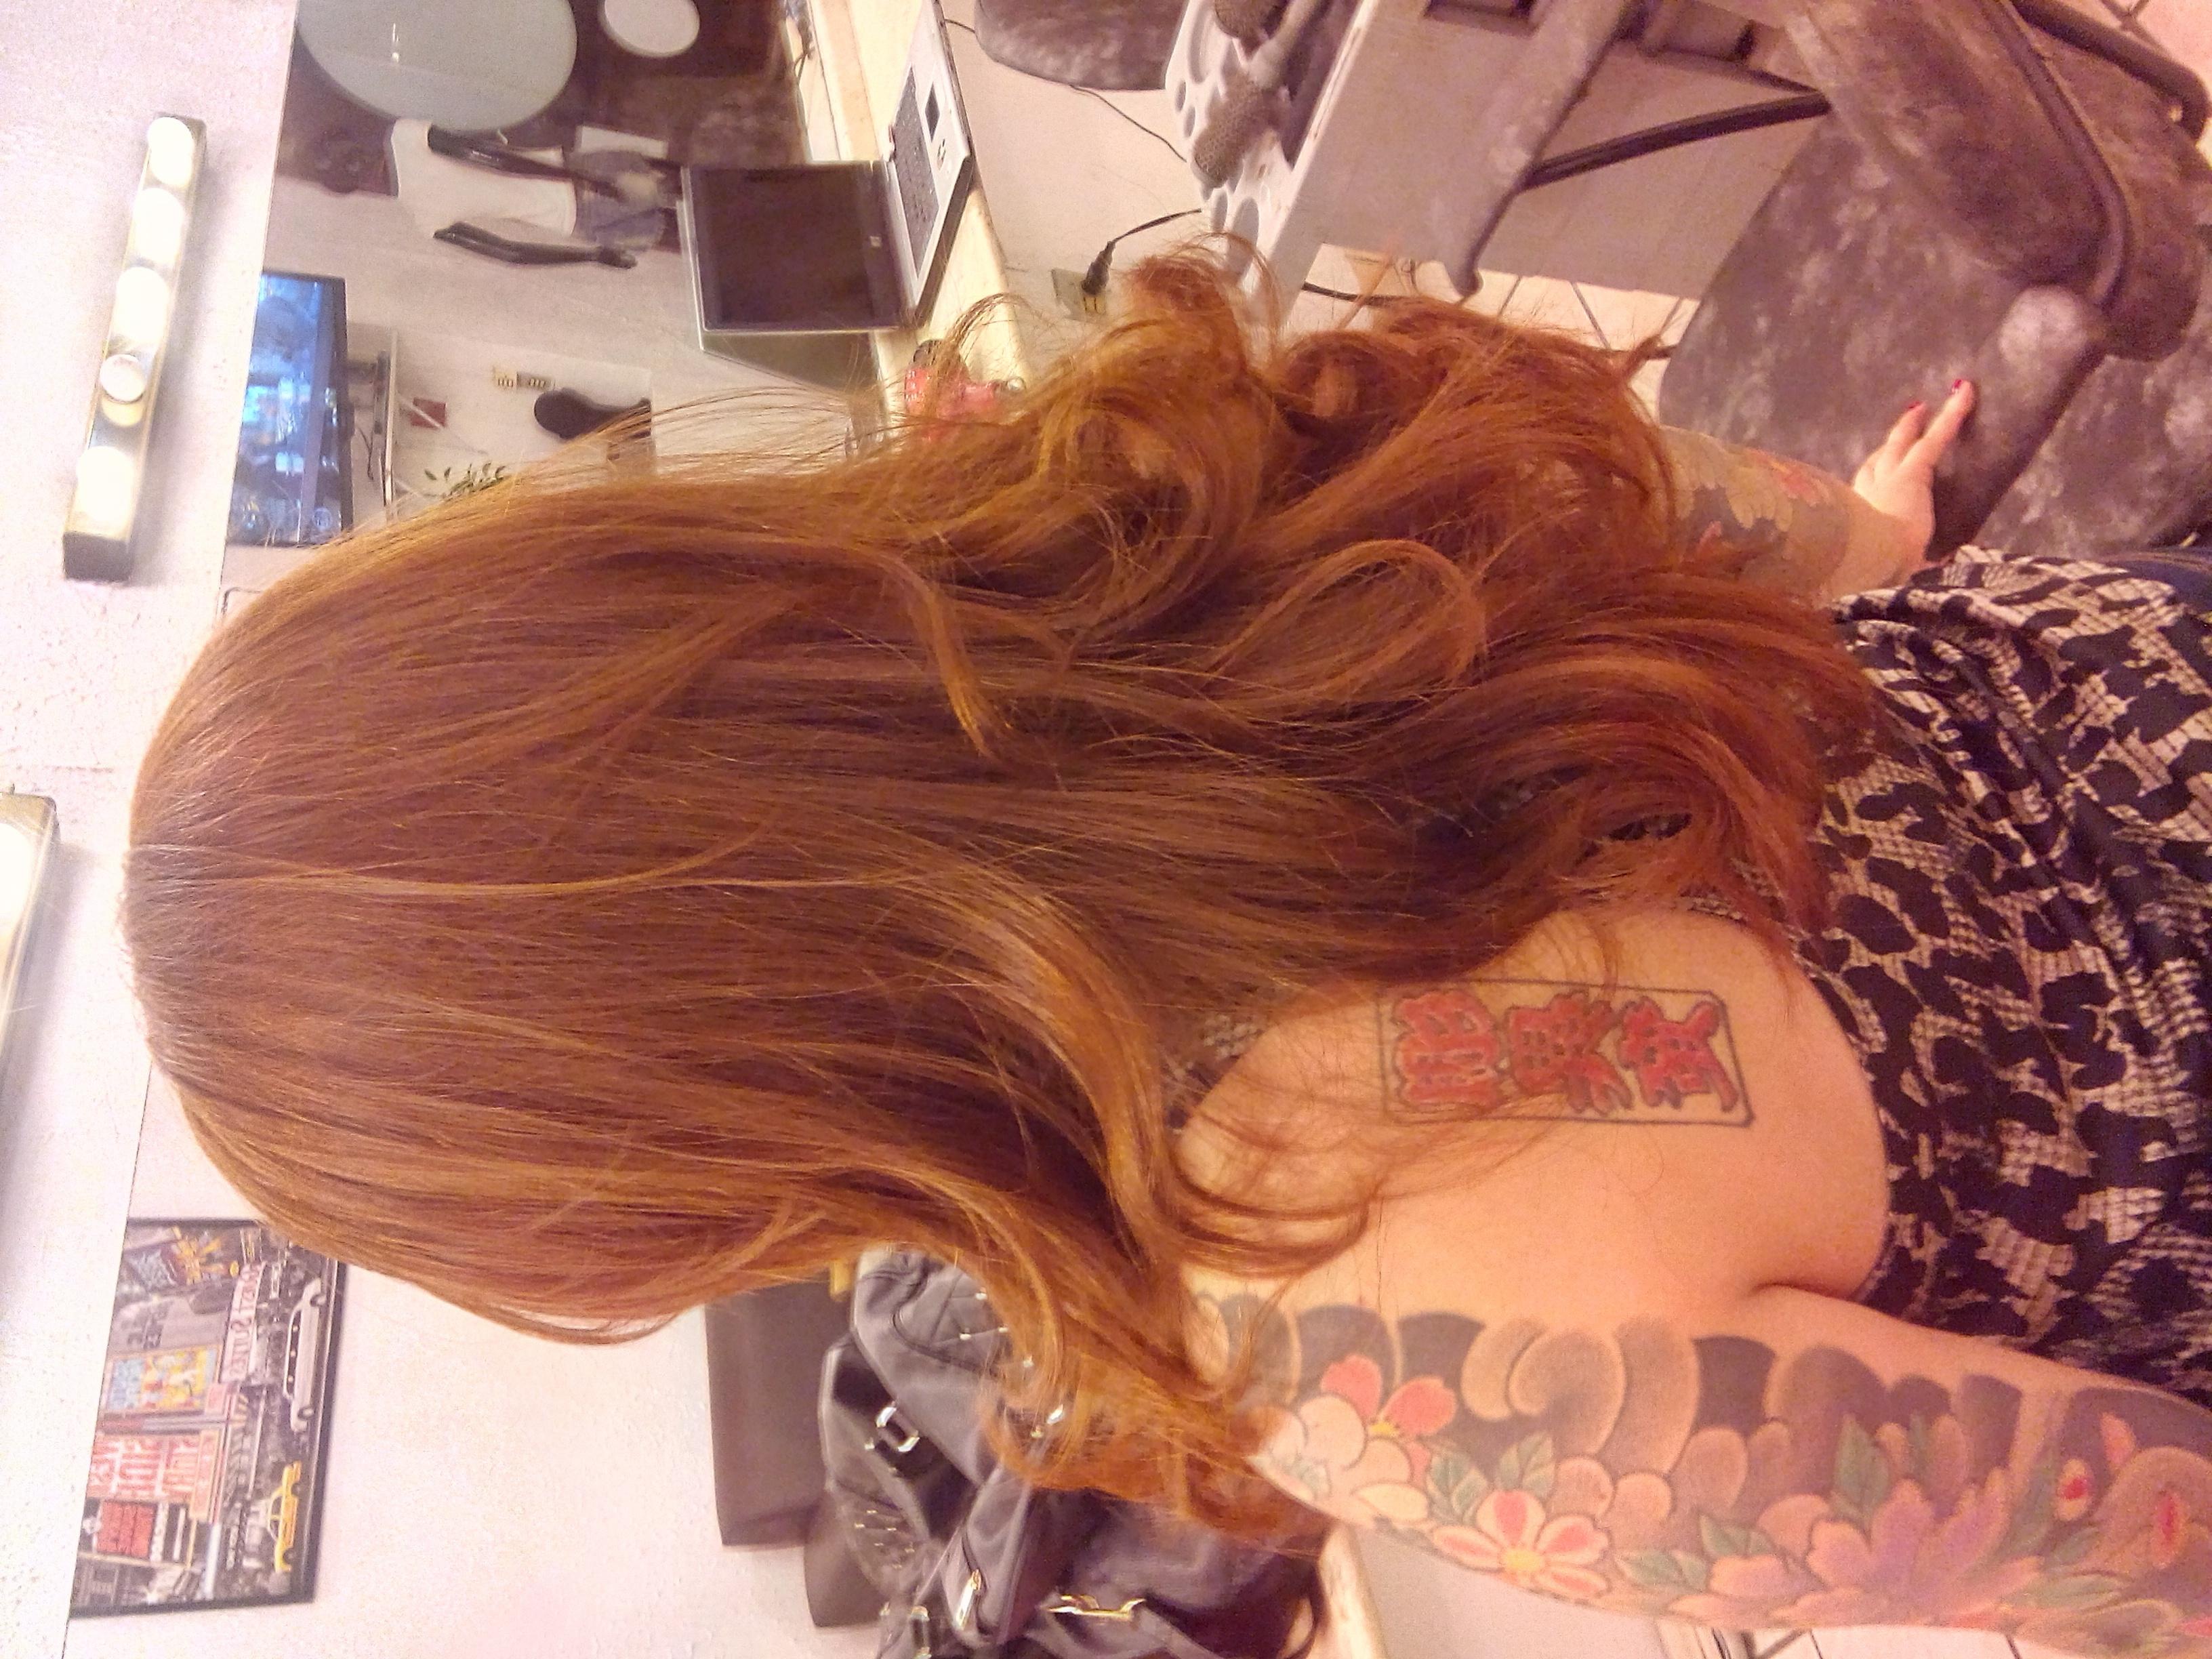 ruivo, corte médio, pele branca,  cabelo  cabeleireiro(a)